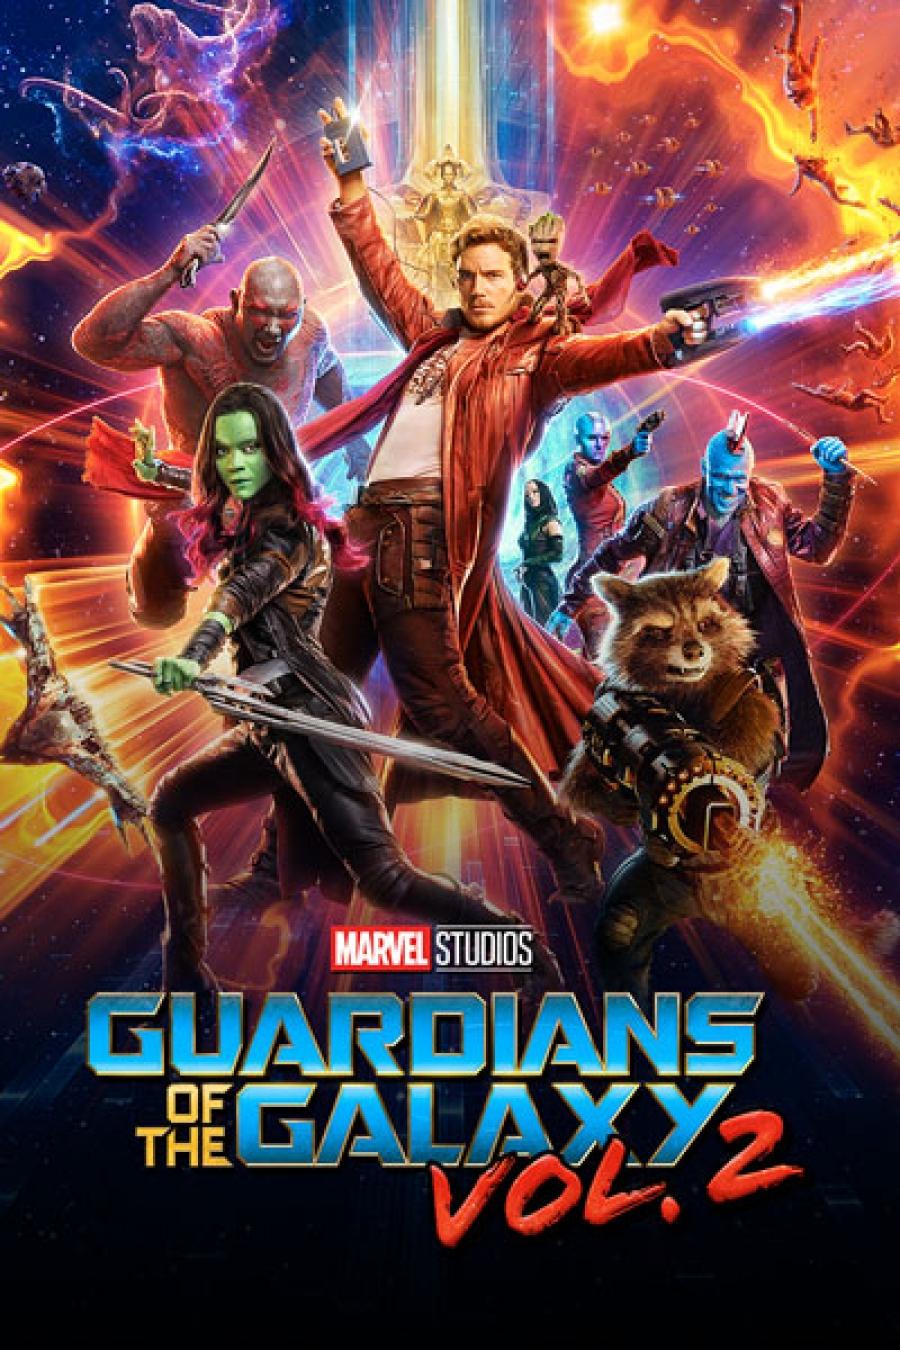 ดูหนังออนไลน์ Guardians of the Galaxy Vol. 2 (2017) รวมพันธุ์นักสู้พิทักษ์จักรวาล 2เต็มเรื่อง HD มาสเตอร์ ดูหนังฟรี ดูหนังใหม่